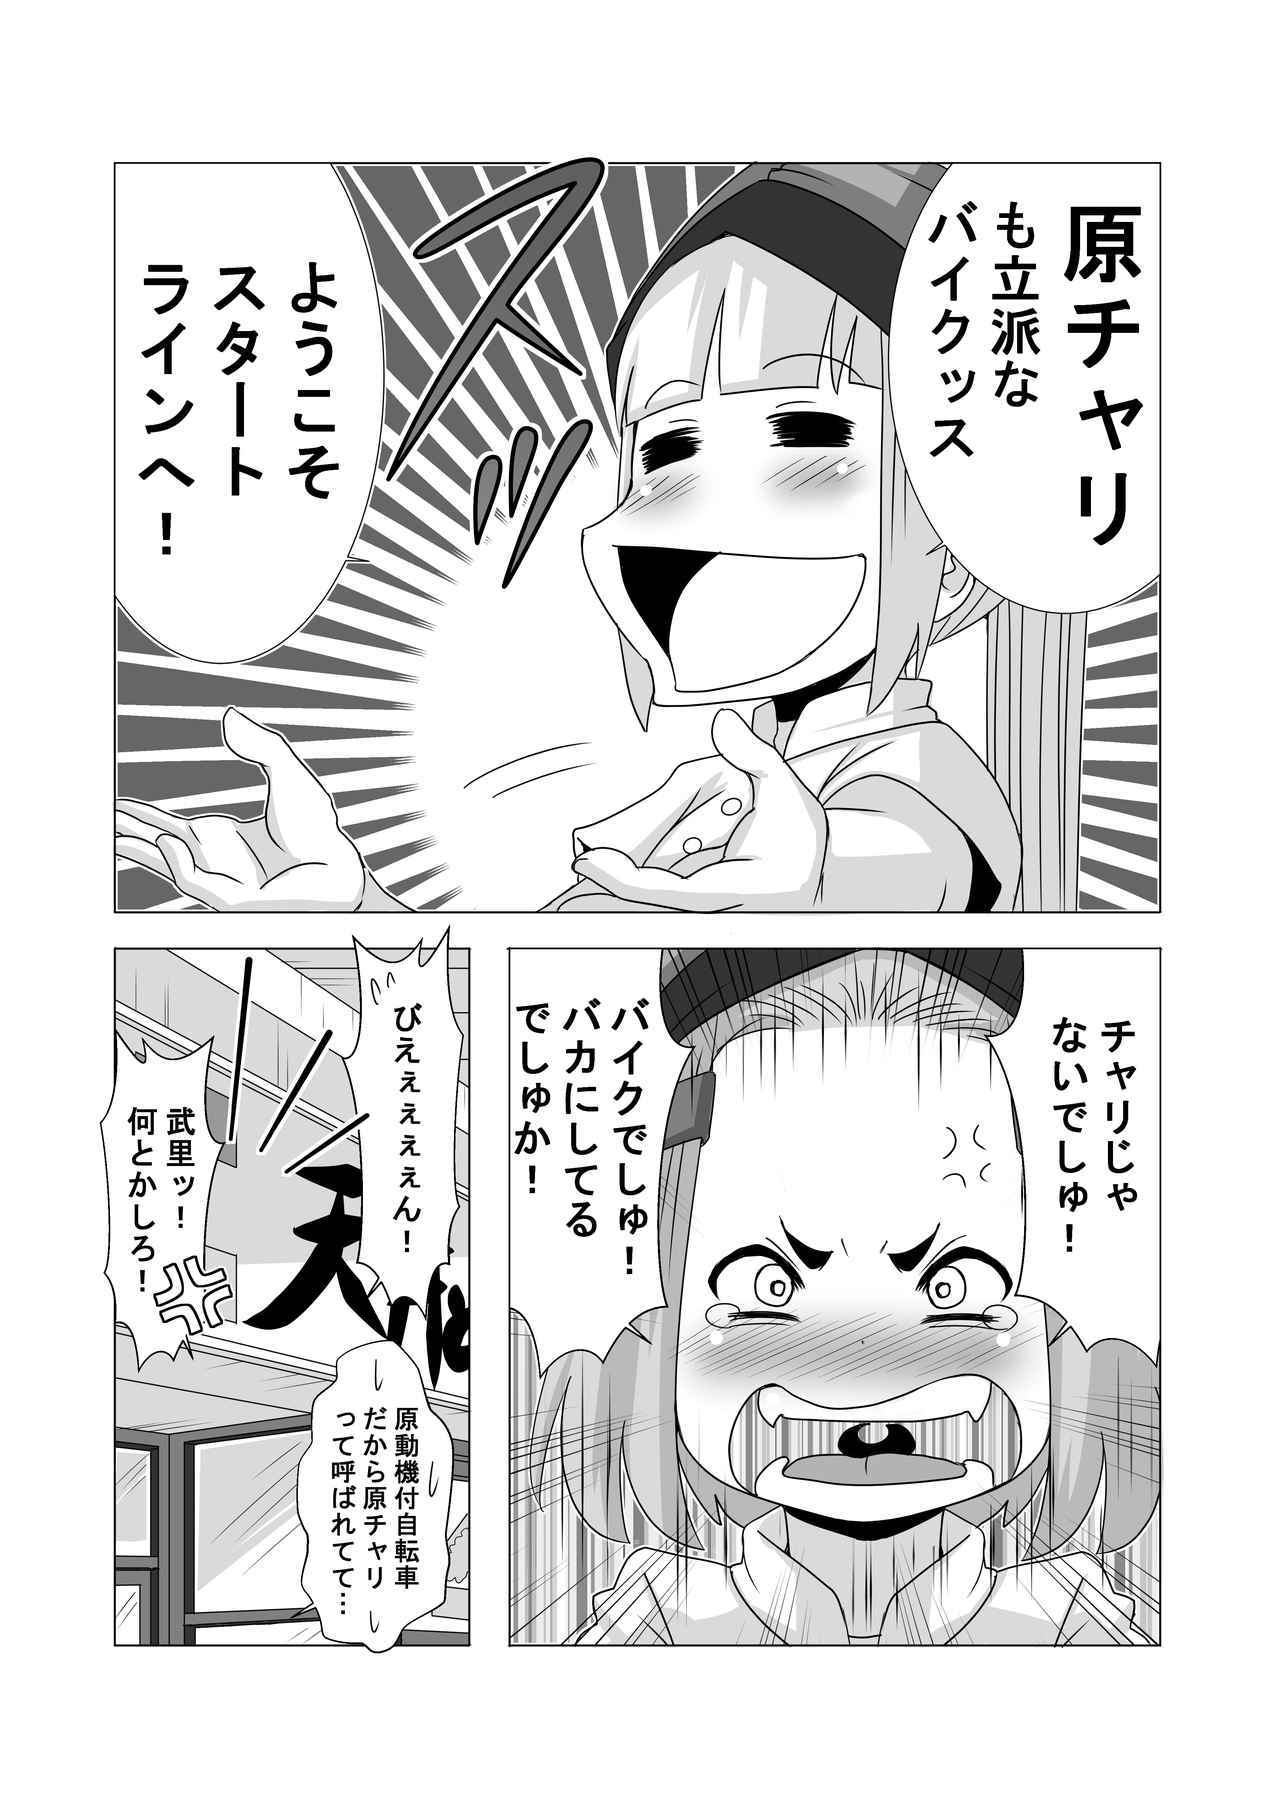 画像10: 【連載】馬場郁子がこよなくバイクを愛す理由(第十八話:護ちゃんの疎外感のワケ)作:鈴木秀吉